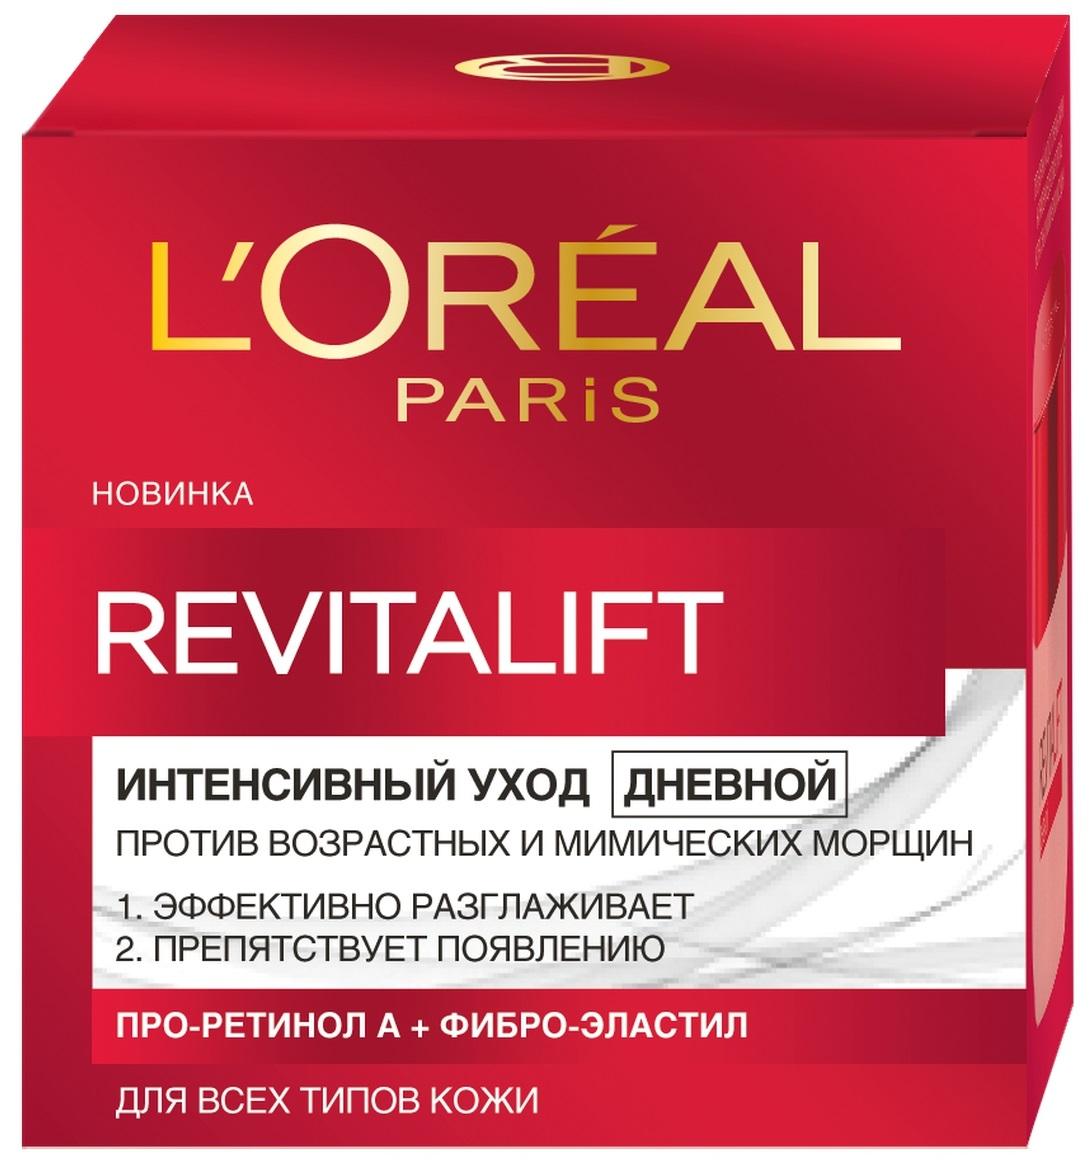 Купить Крем для лица L'Oreal Paris Revitalift Интенсивный уход Дневной 50 мл, L'Oreal Paris